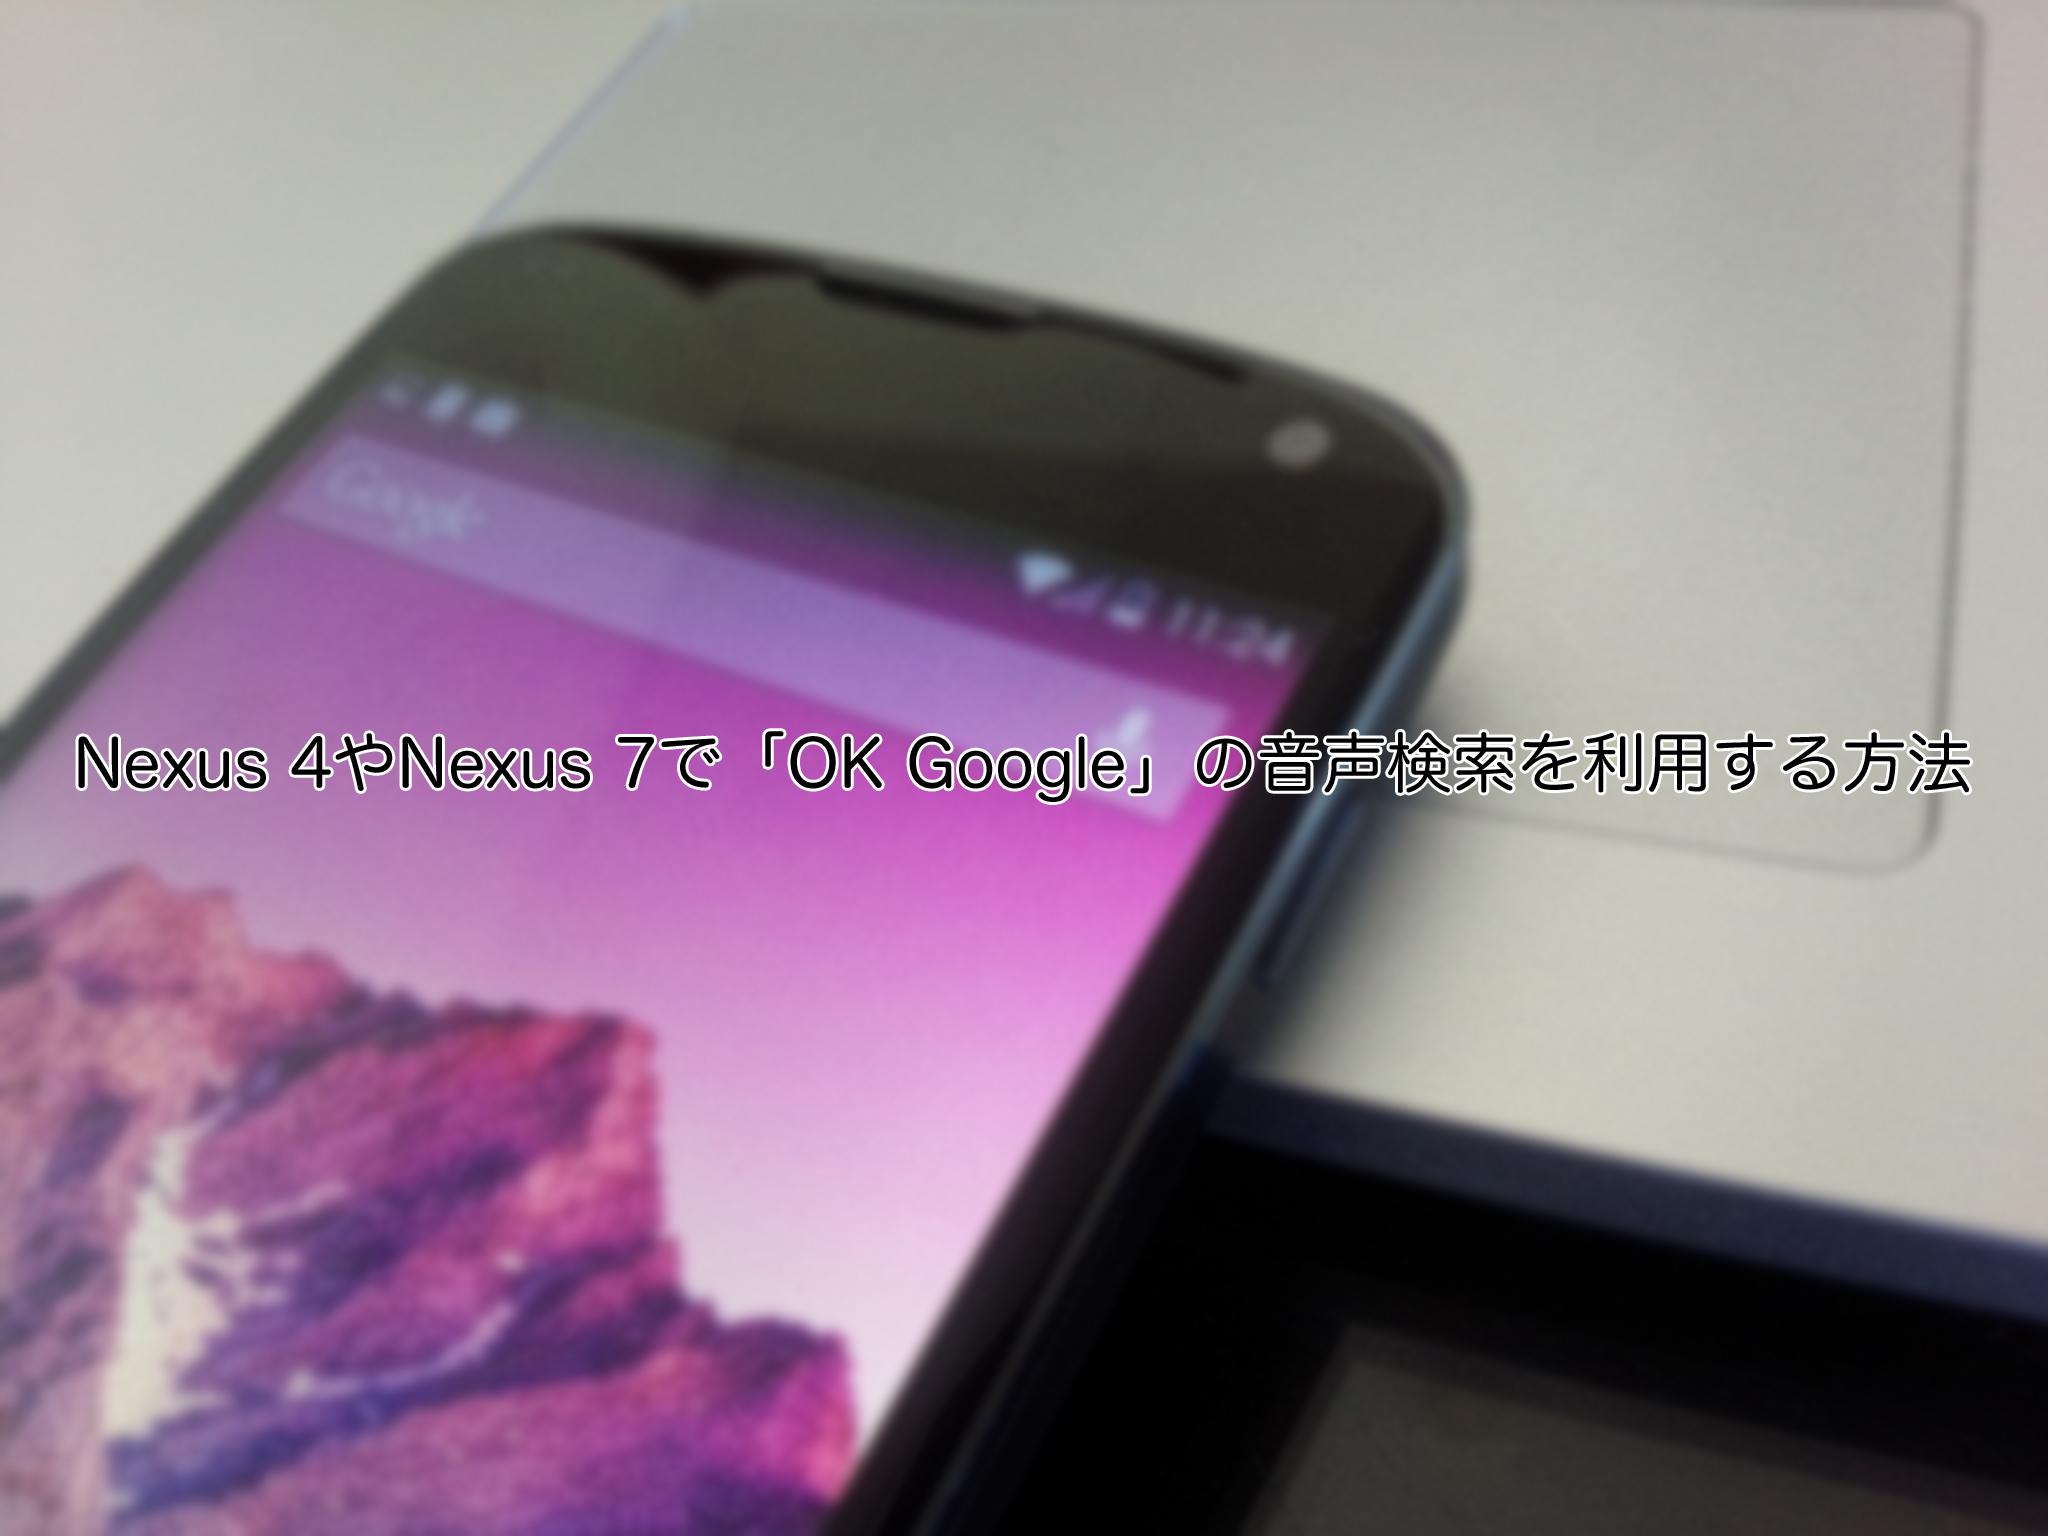 Nexus 4やNexus 7で「OK Google」の音声検索を利用する方法